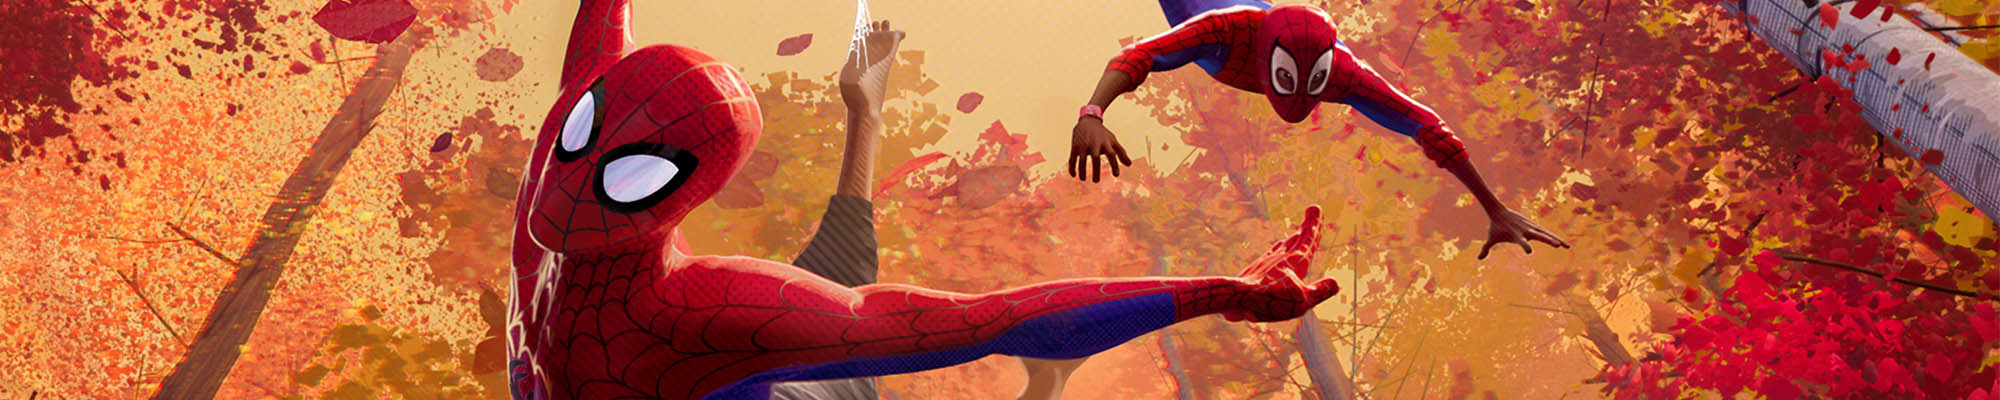 《蜘蛛侠:平行宇宙》外媒口碑爆棚,我也有幸参加了国内的观影活动